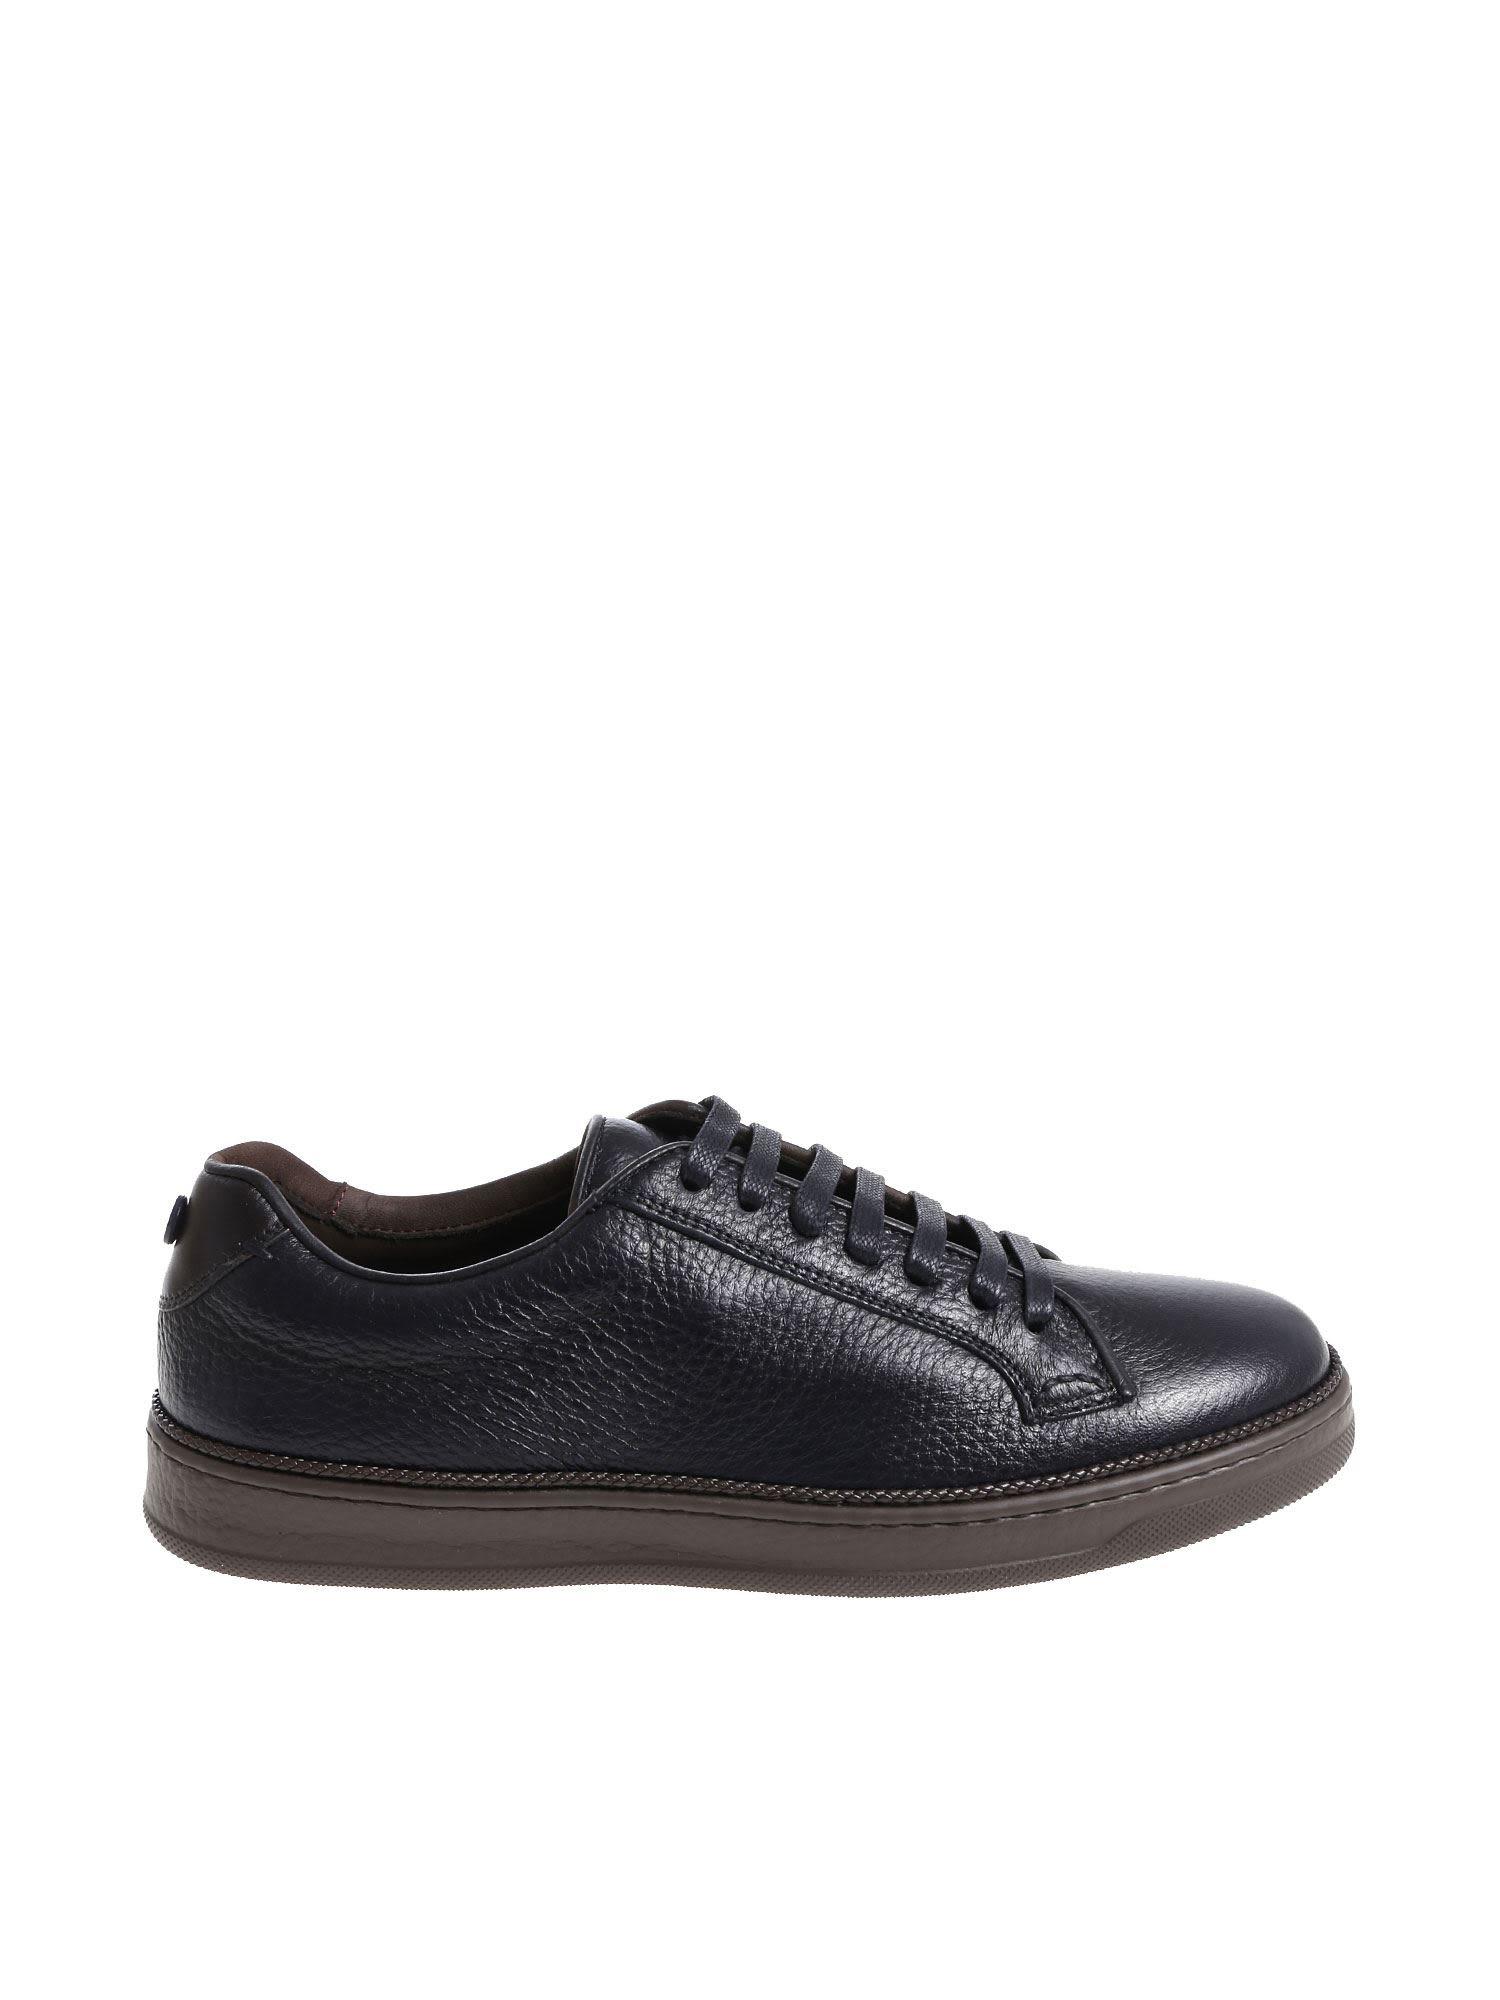 BLU BARRETT Nigel Sneakers in Night Blue